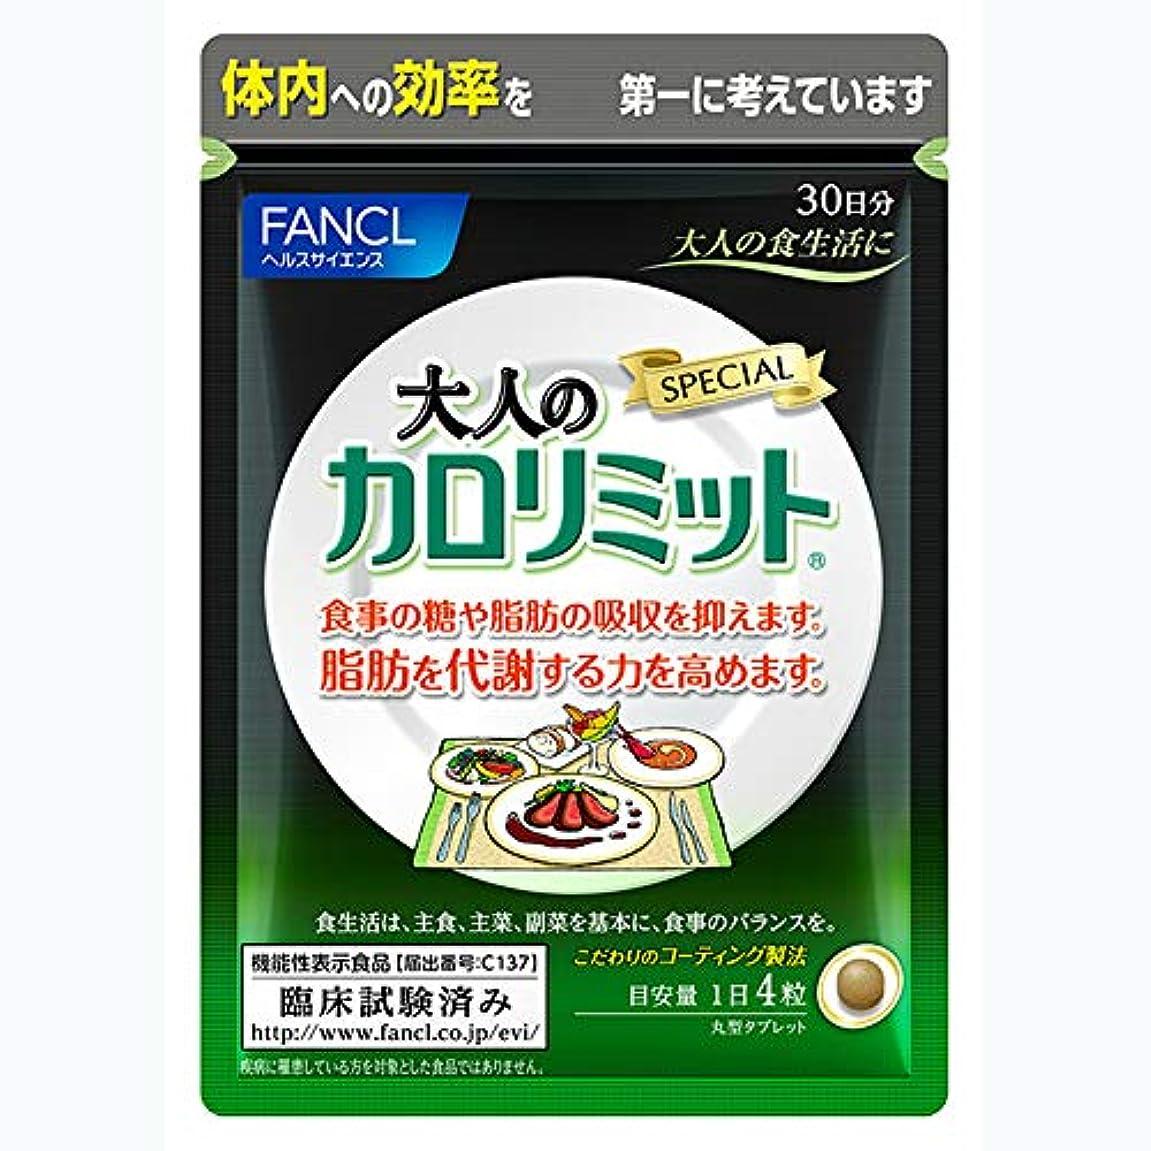 歩行者貪欲軍艦ファンケル(FANCL) 大人のカロリミット [機能性表示食品] 30日分 120粒